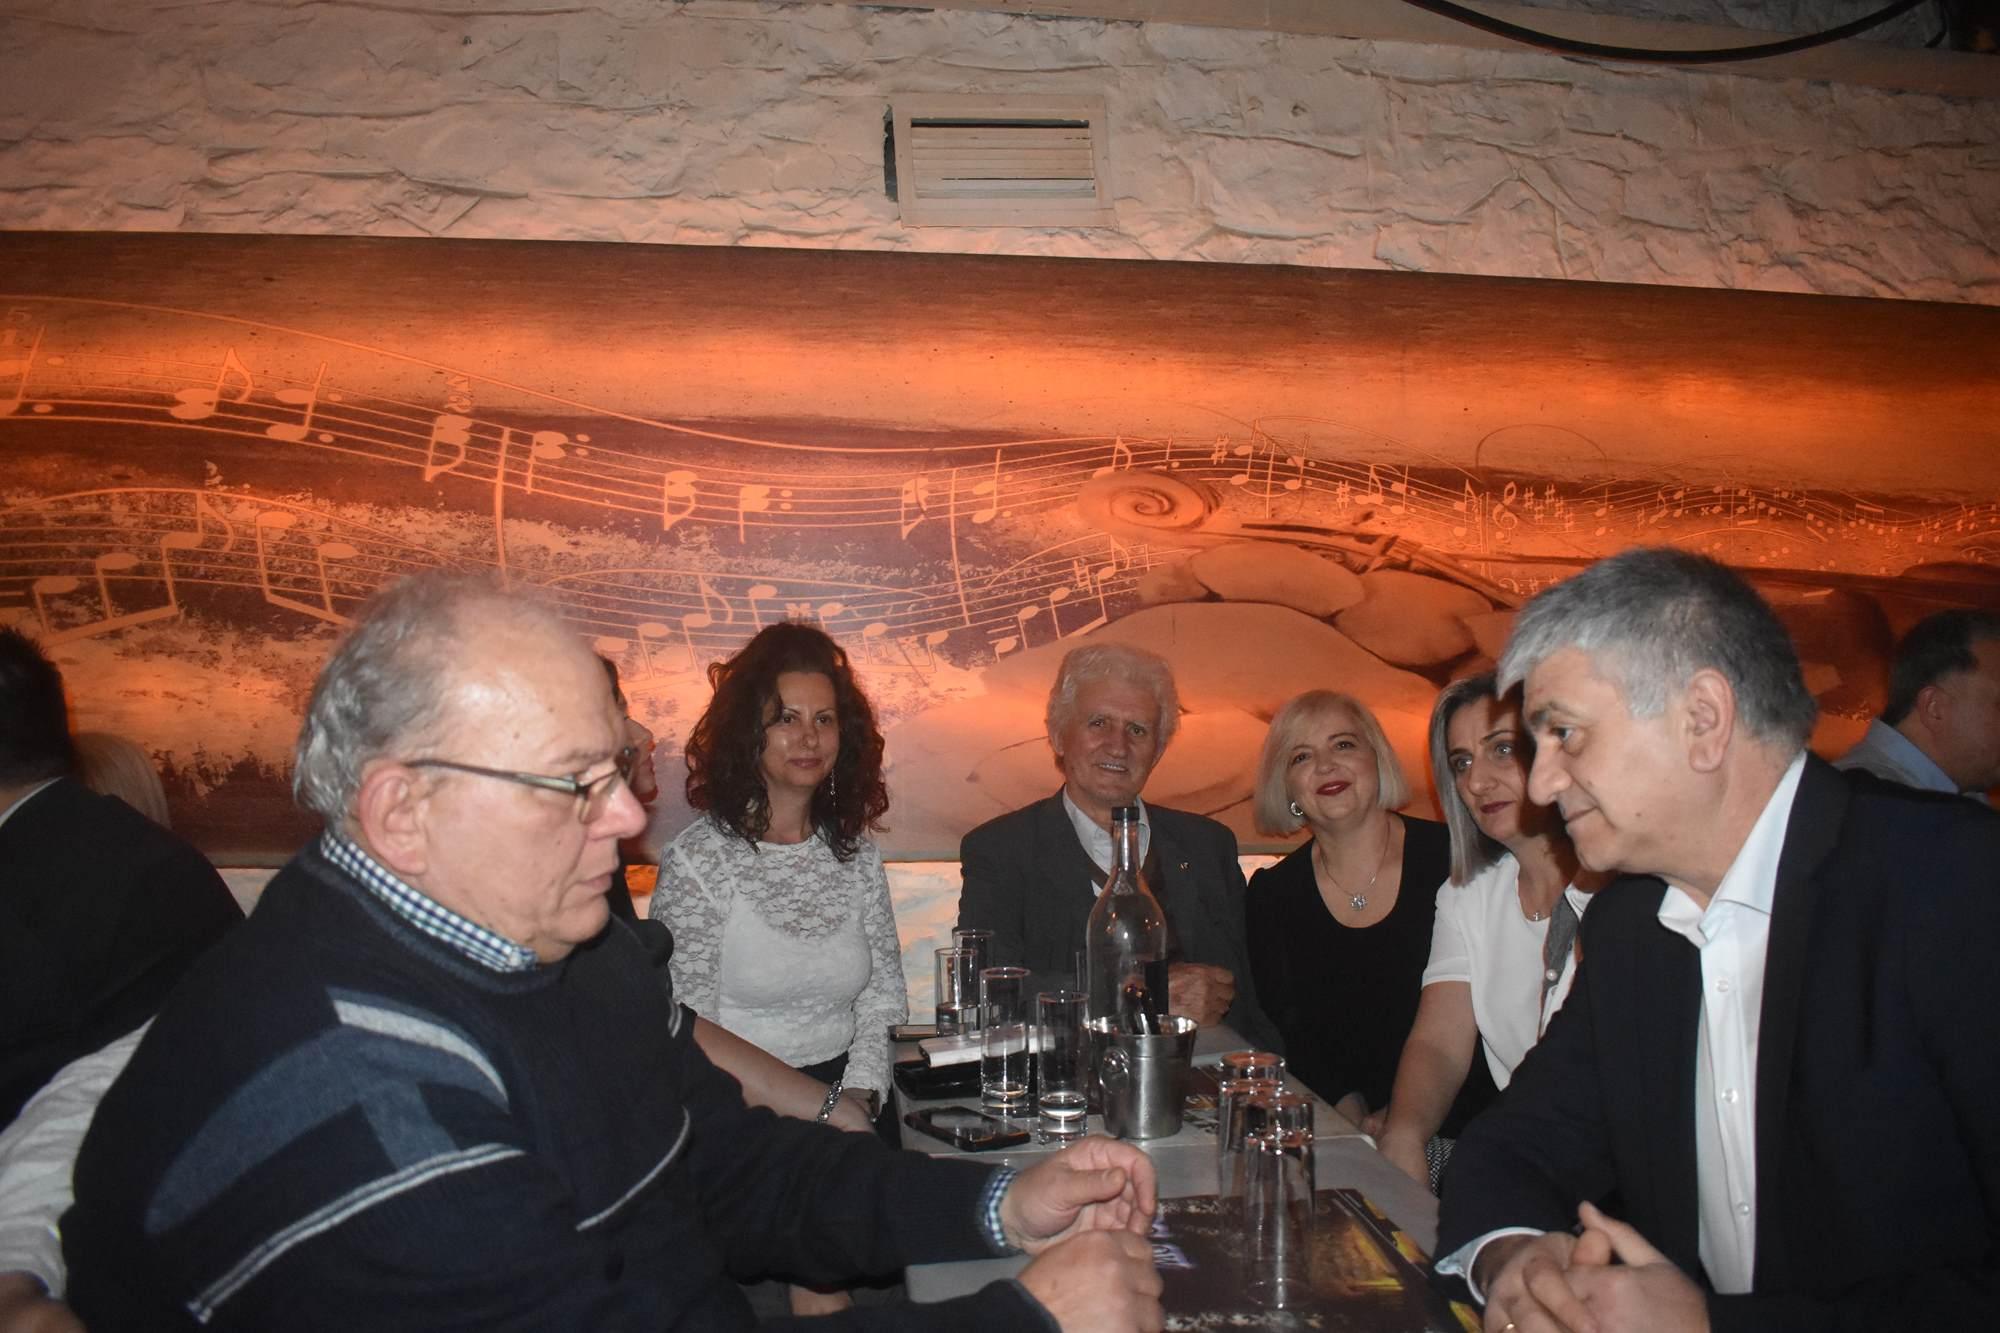 Πλήθος κόσμου στη φιλική βράδια της «Συμπαράταξης Λαρισαίων» - Καλογιάννης: Παρακαταθήκη μας για τη Λάρισα είναι η ίδια η Συμπαράταξη (φωτό)